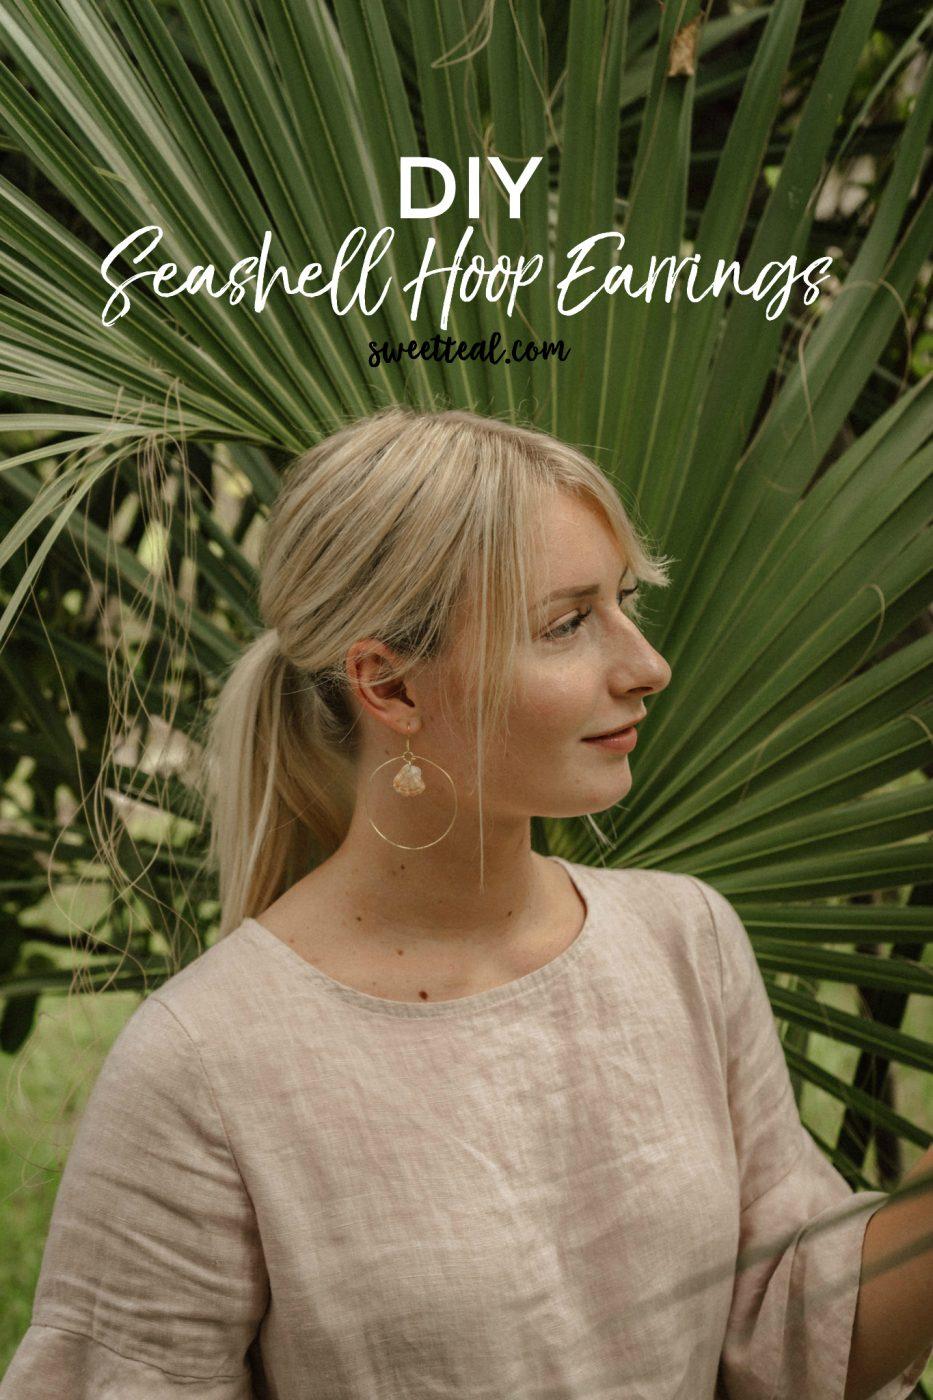 DIY Seashell Hoop Earrings by Jenny at Sweet Teal